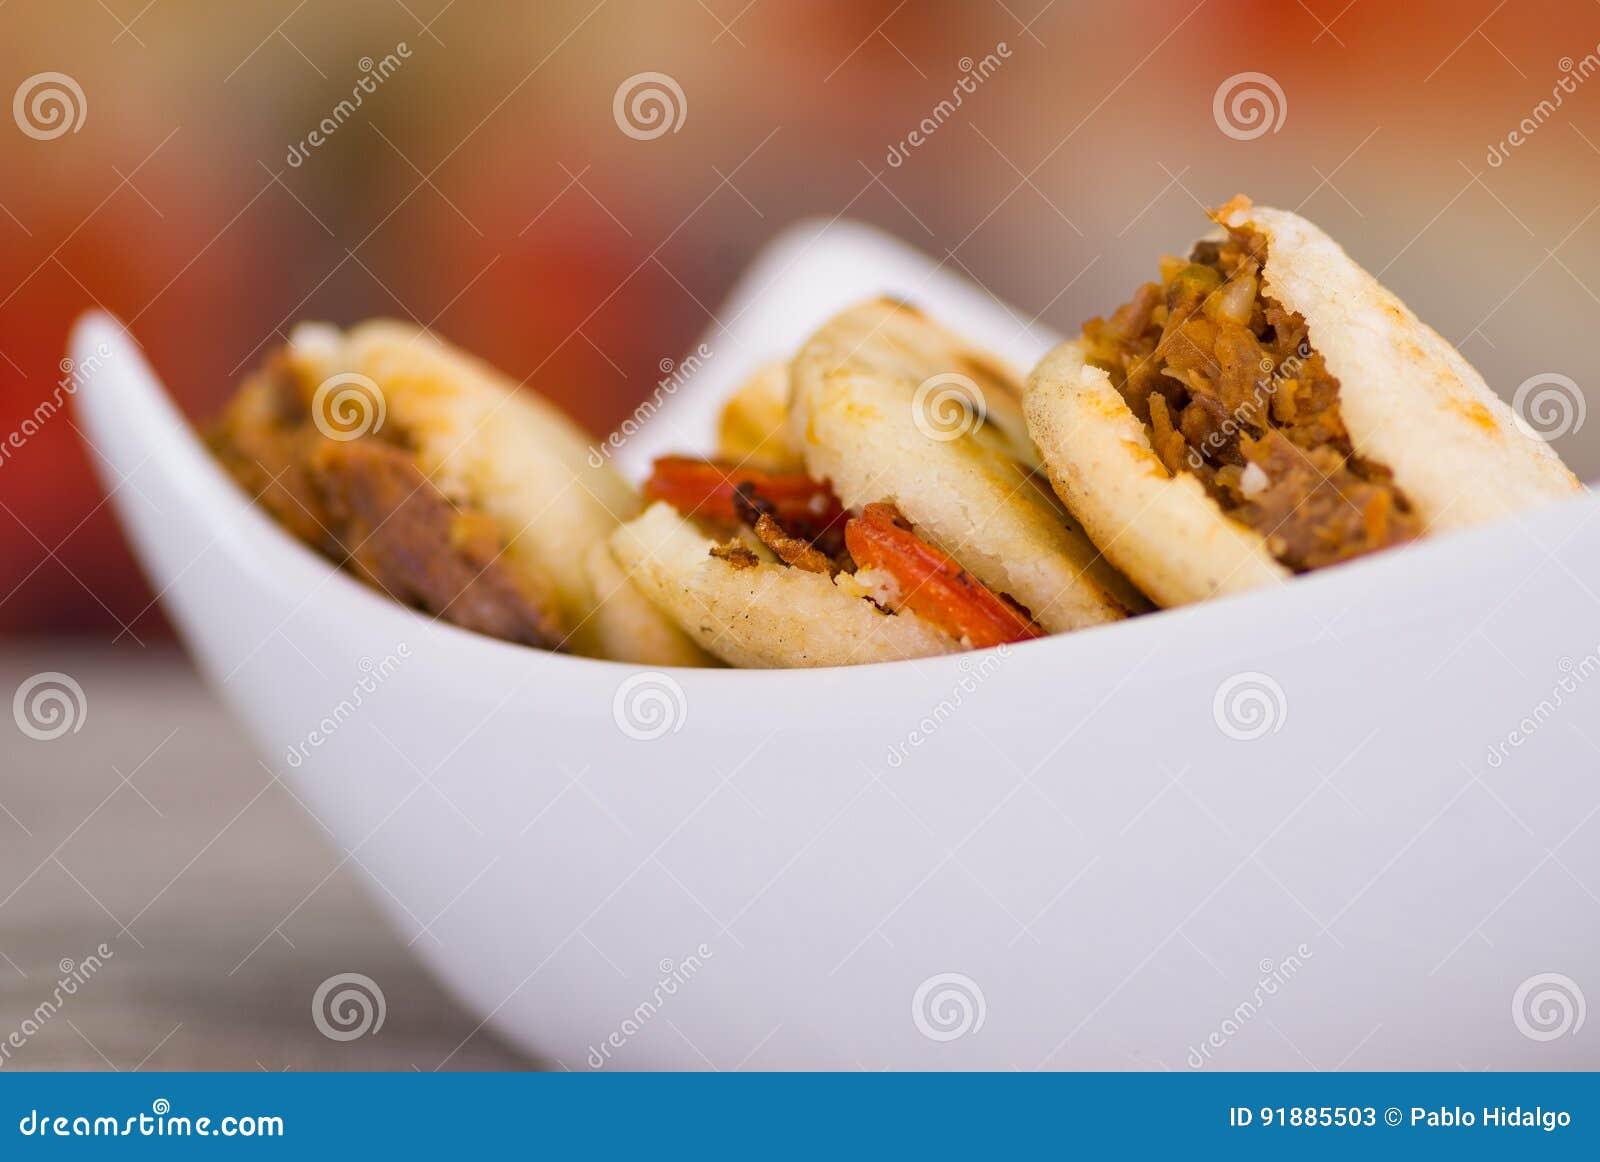 Stäng upp av traditionella läckra arepas, strimlad feg avokado- och cheddarost och strimlat nötkött på trä